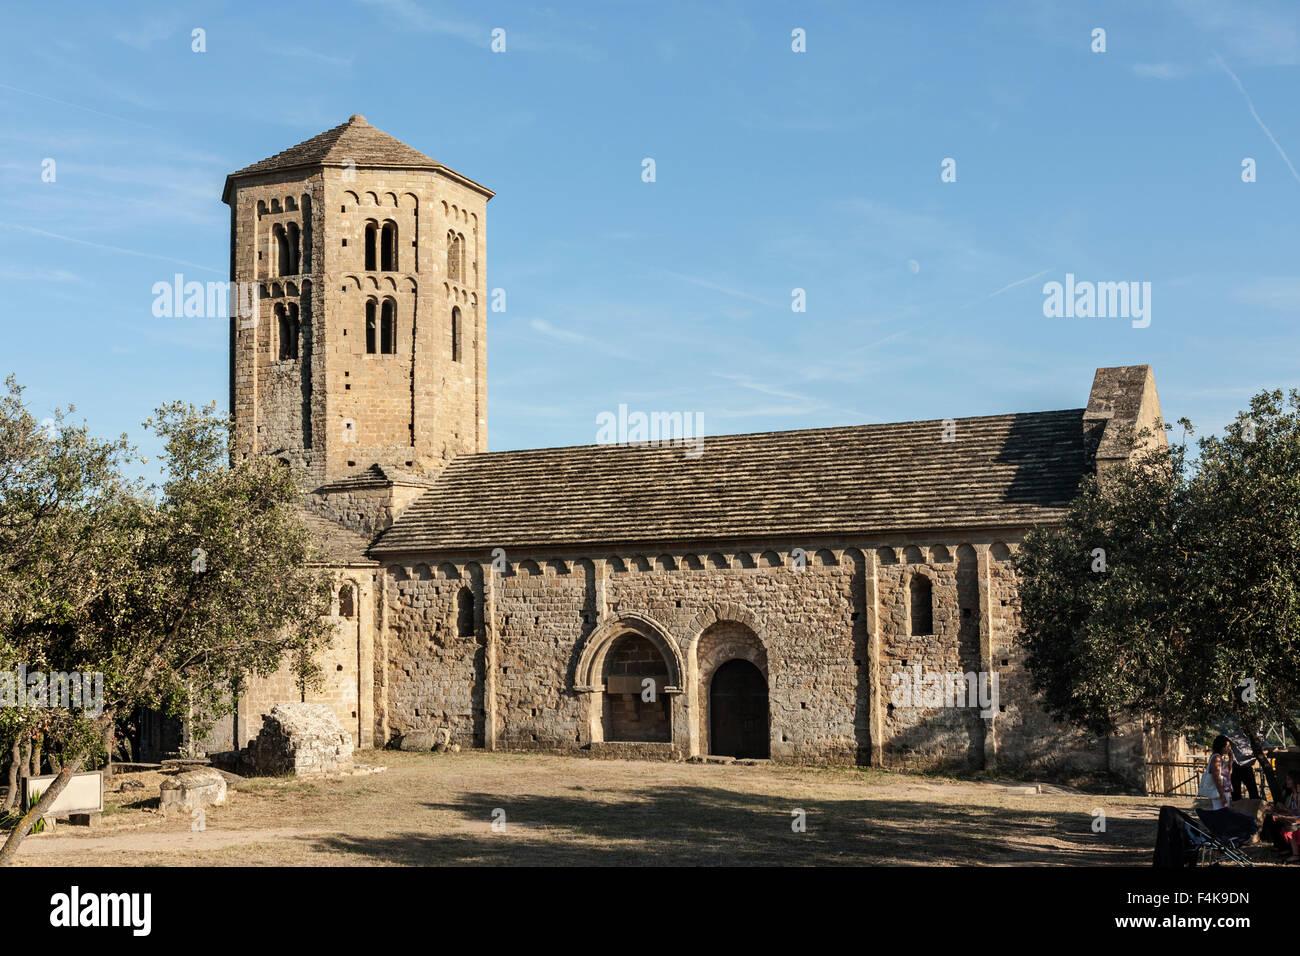 Colegiata de Sant Pere, Ponts. XII century. - Stock Image